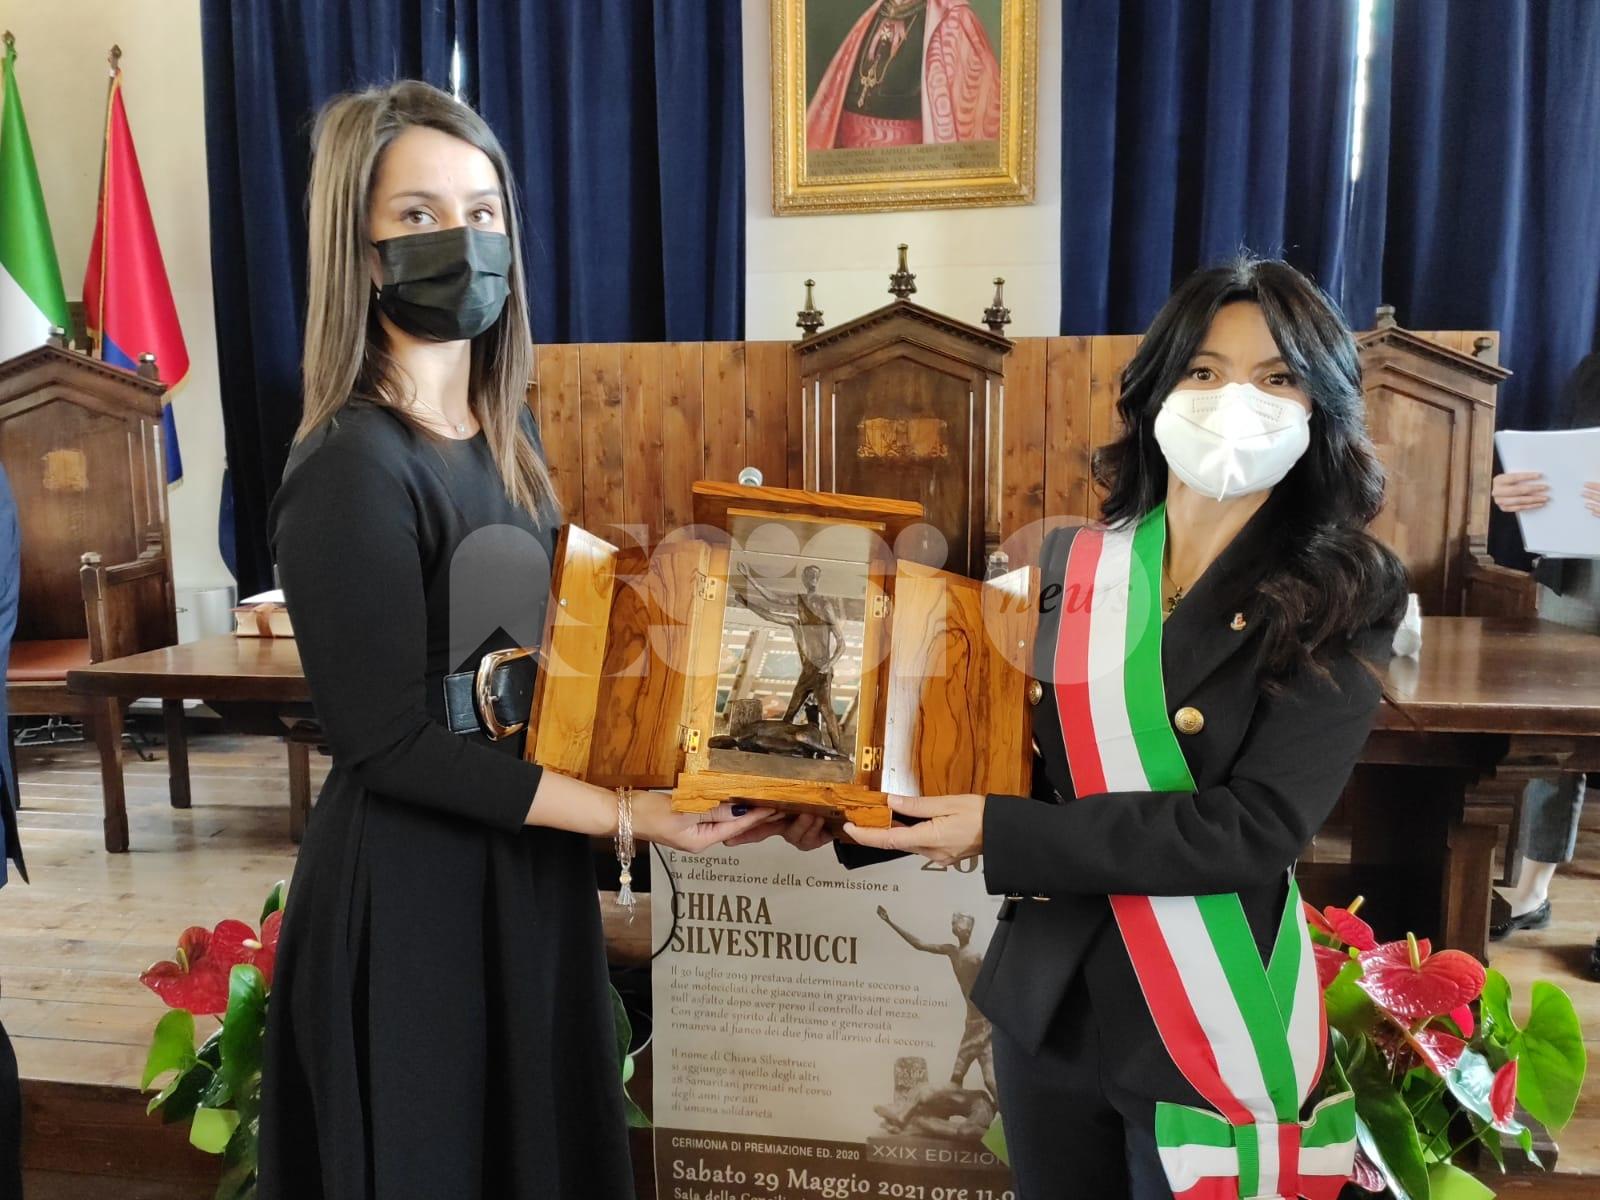 Chiara Silvestrucci ha ricevuto il premio Samaritano 2020 (foto)